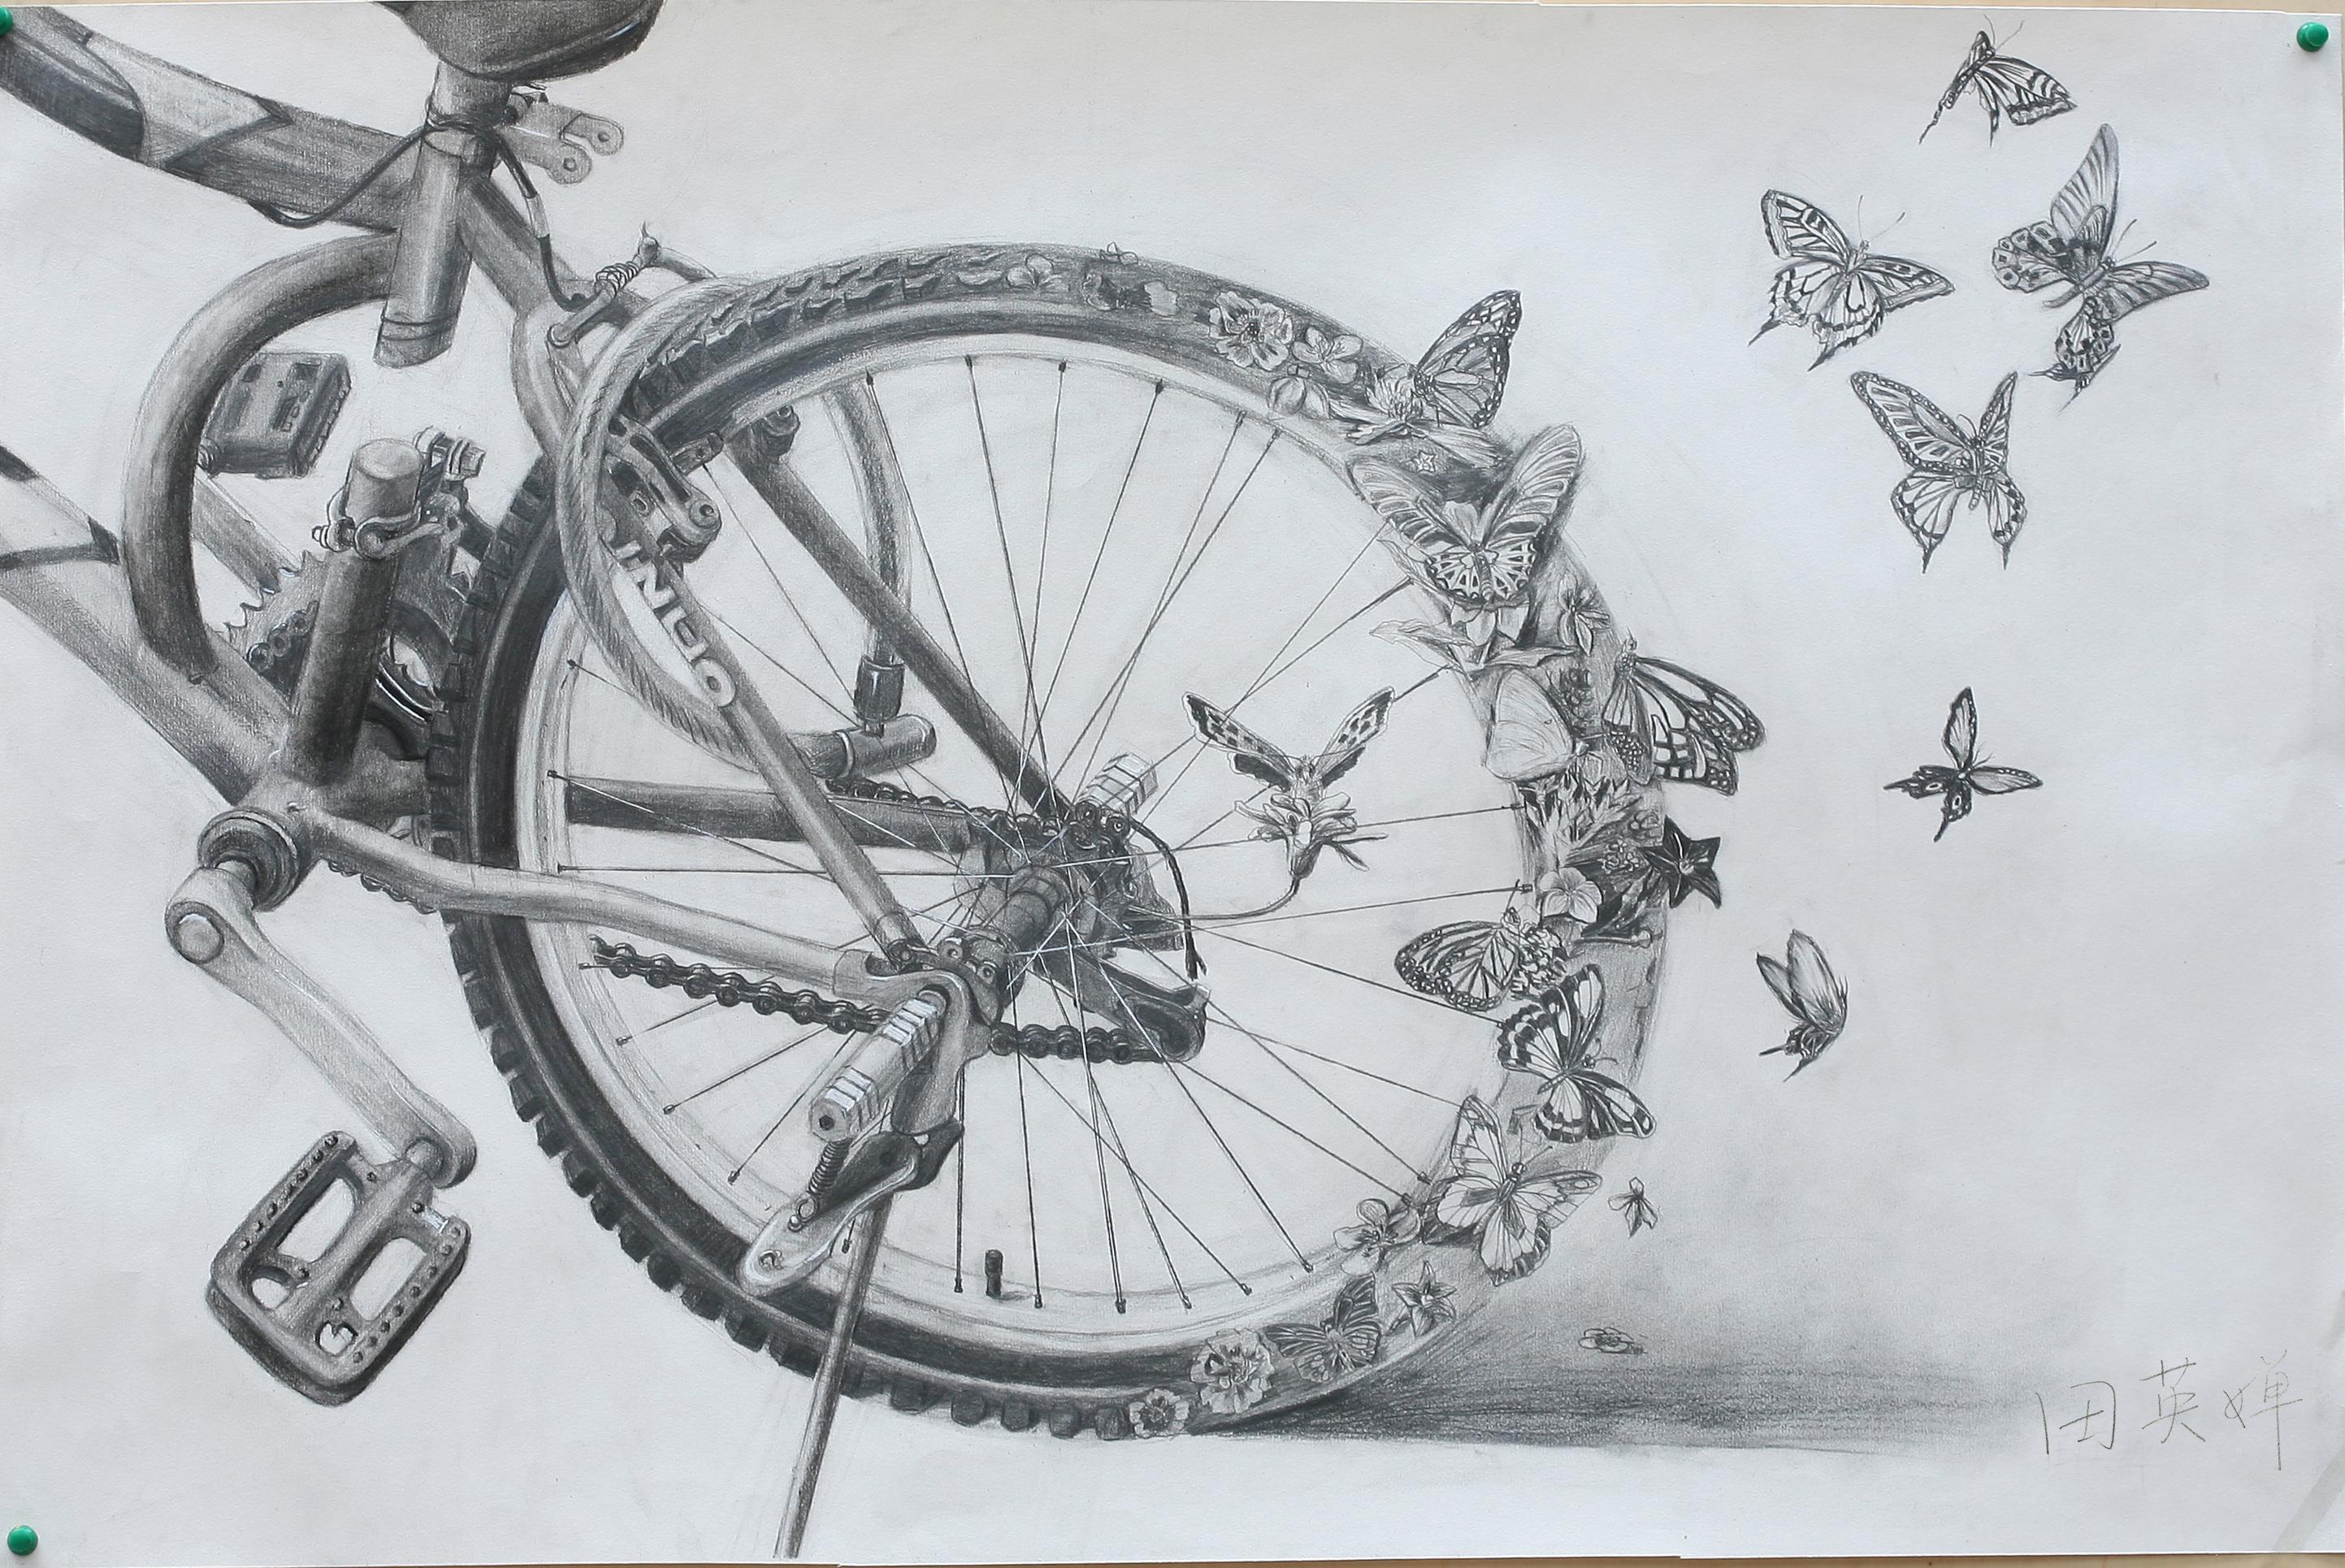 创意素描 重构 自行车